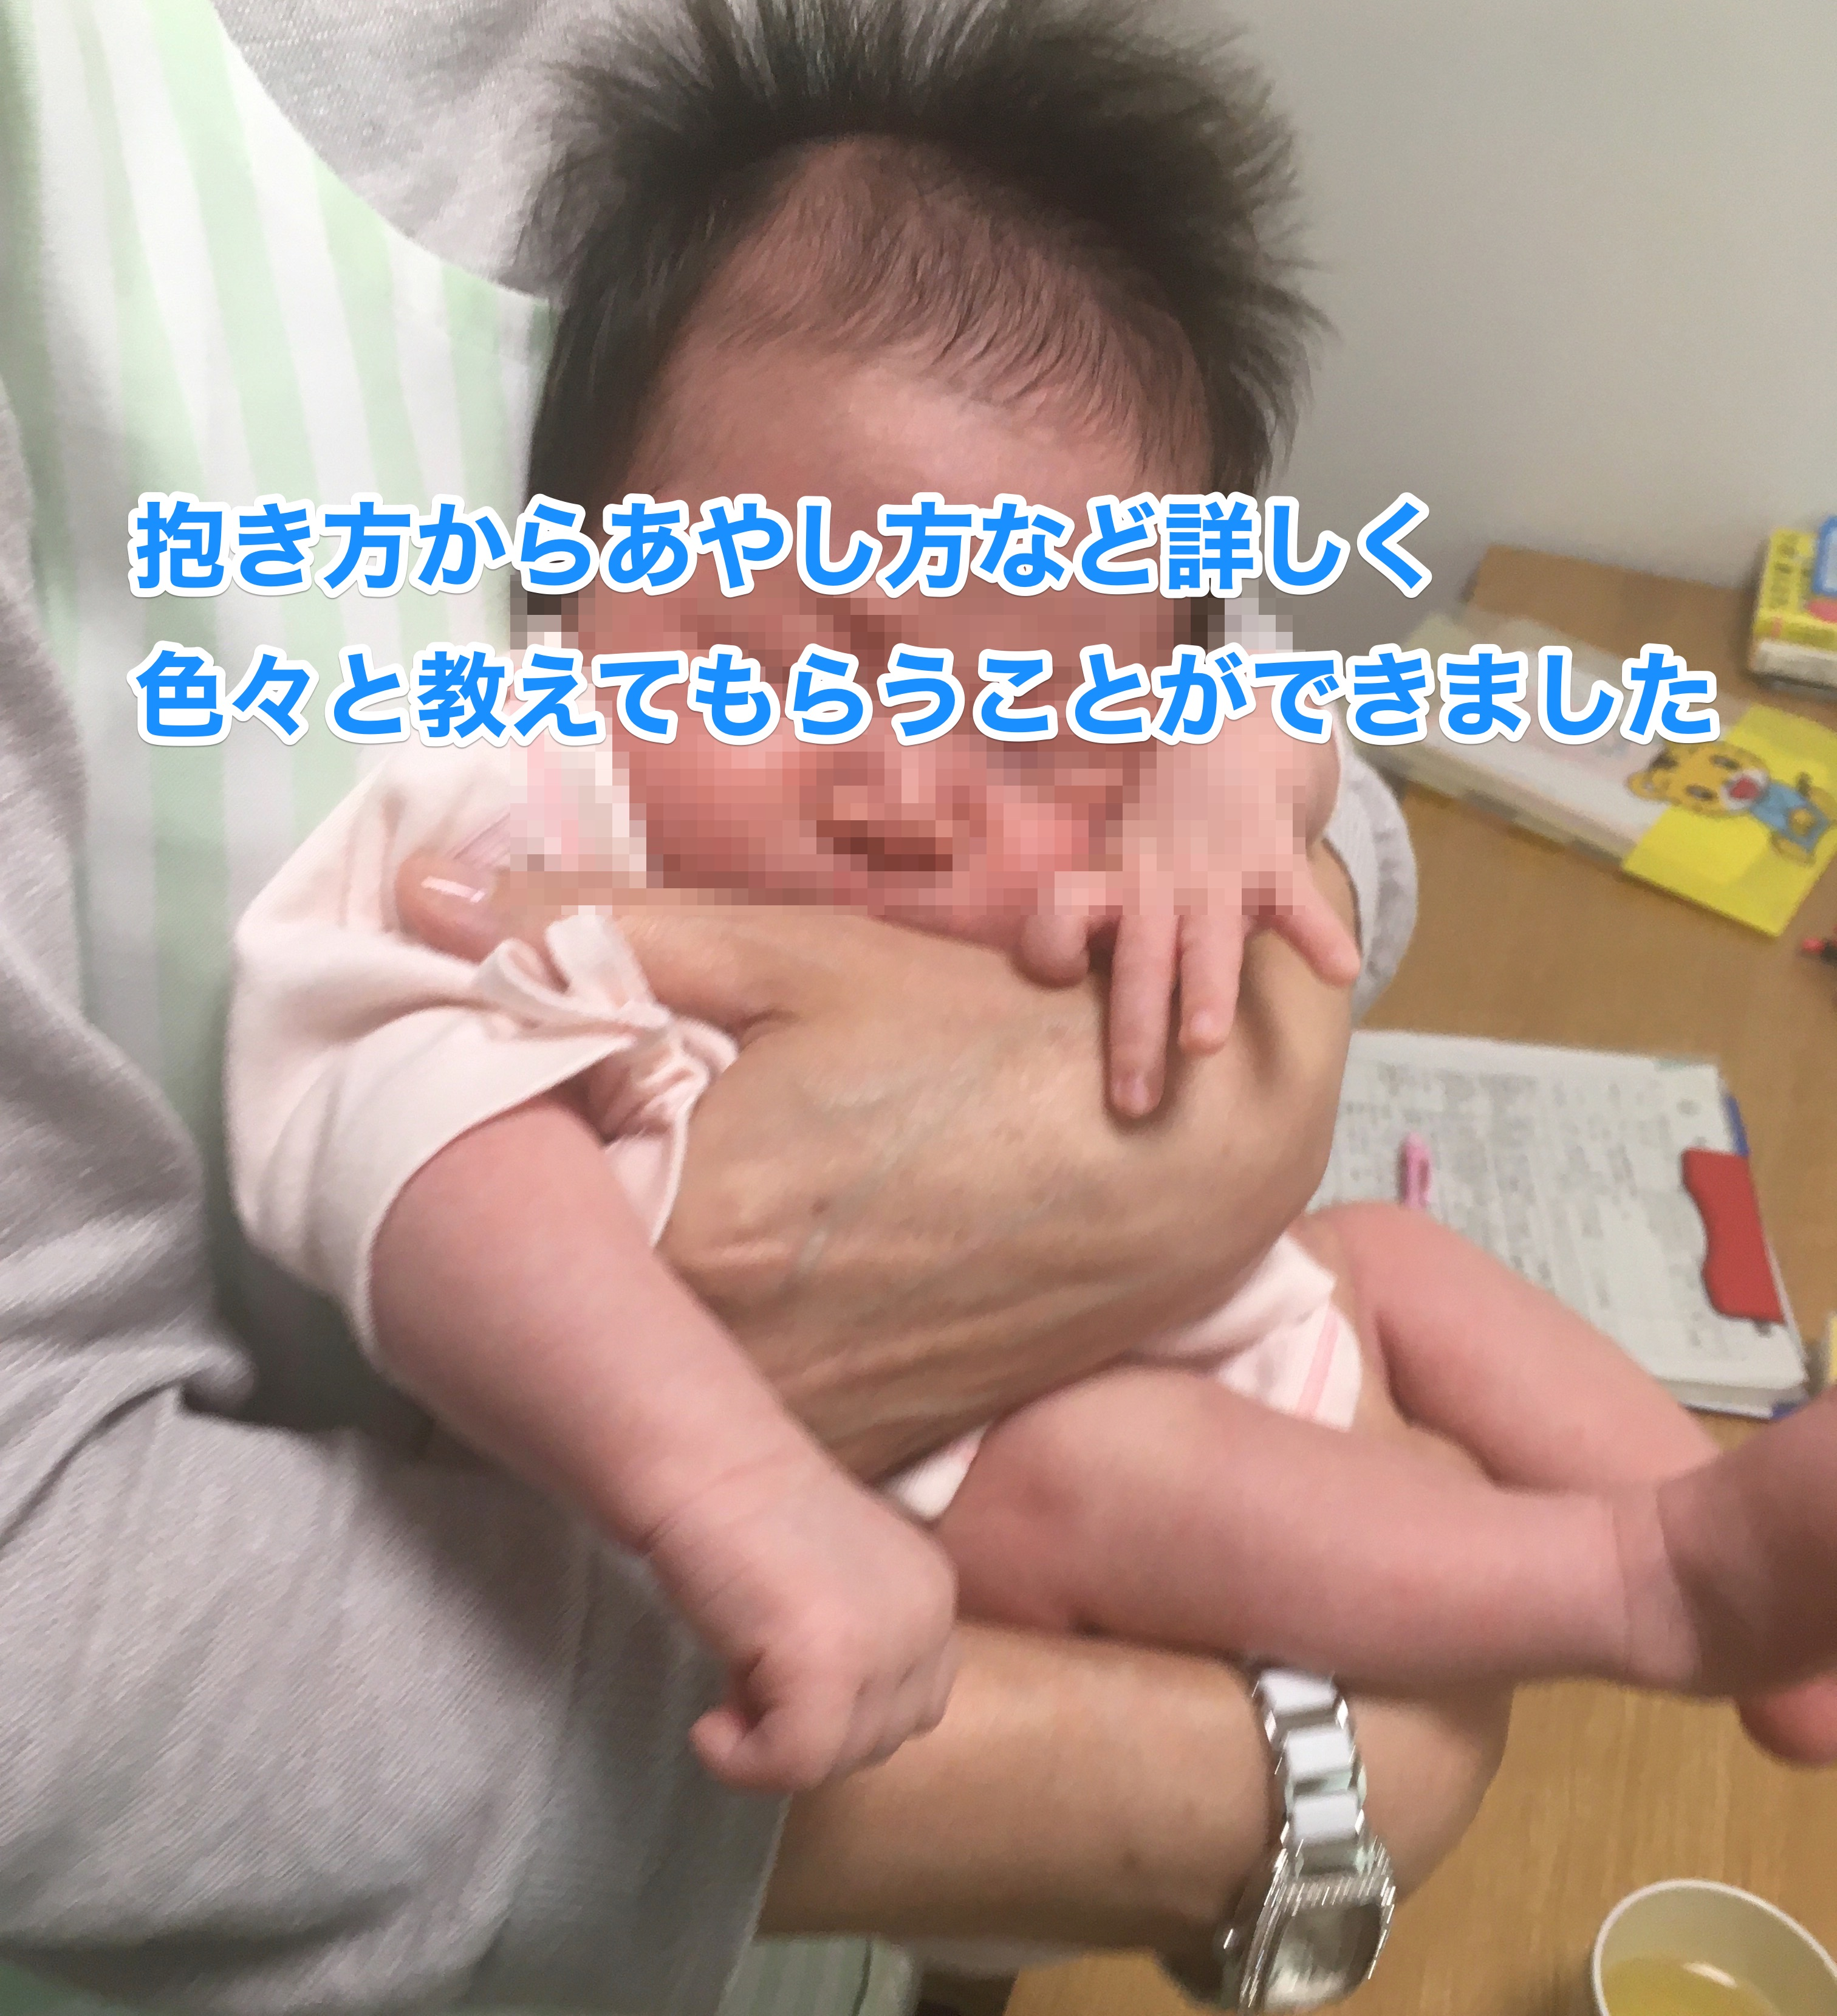 新生児訪問 抱き方 あやし方